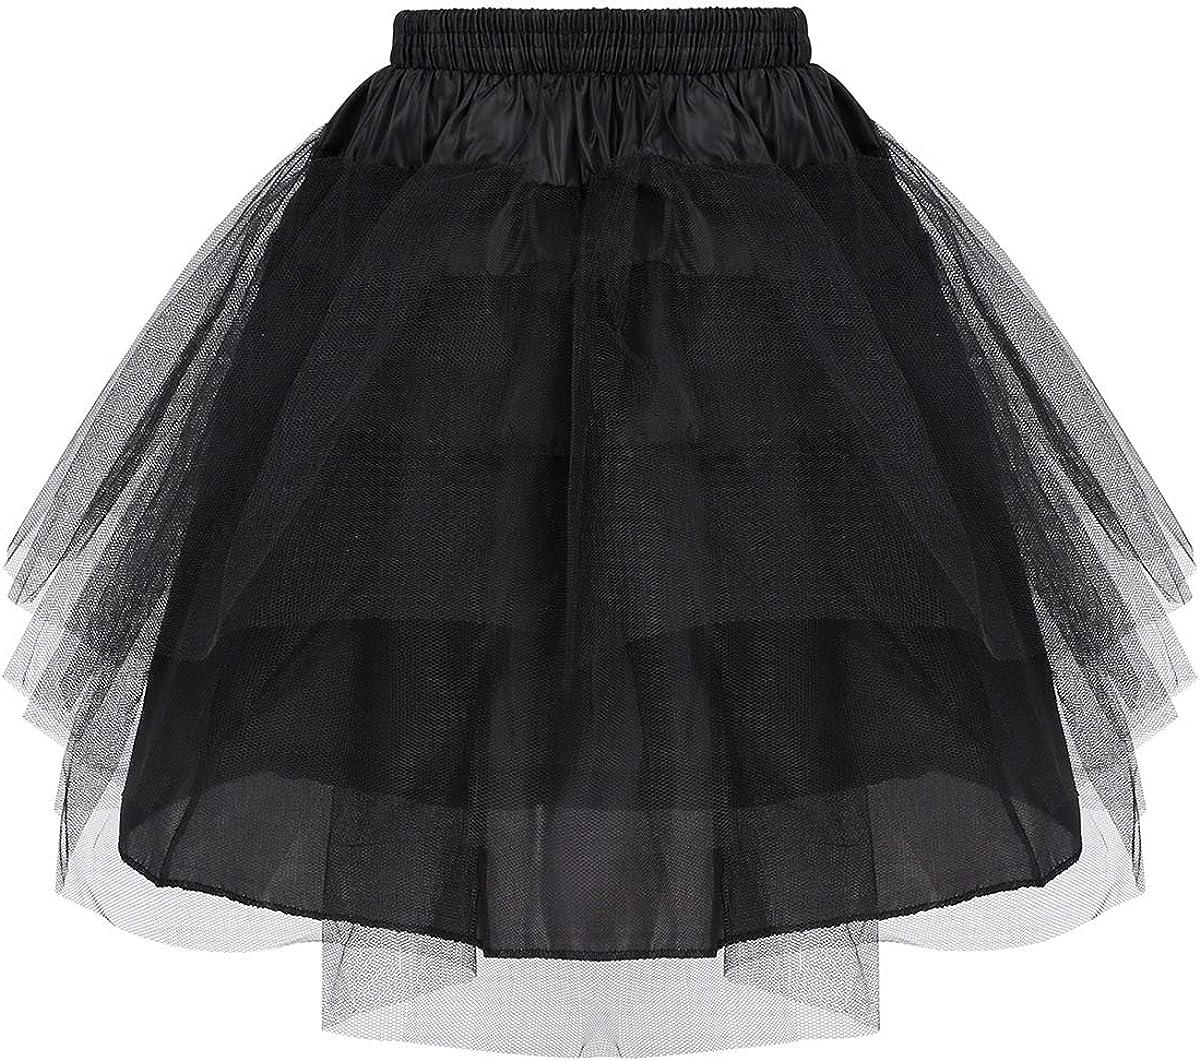 Children Crinoline Petticoat Underskirt Skirt Bridesmaid Flower Girl A-Line